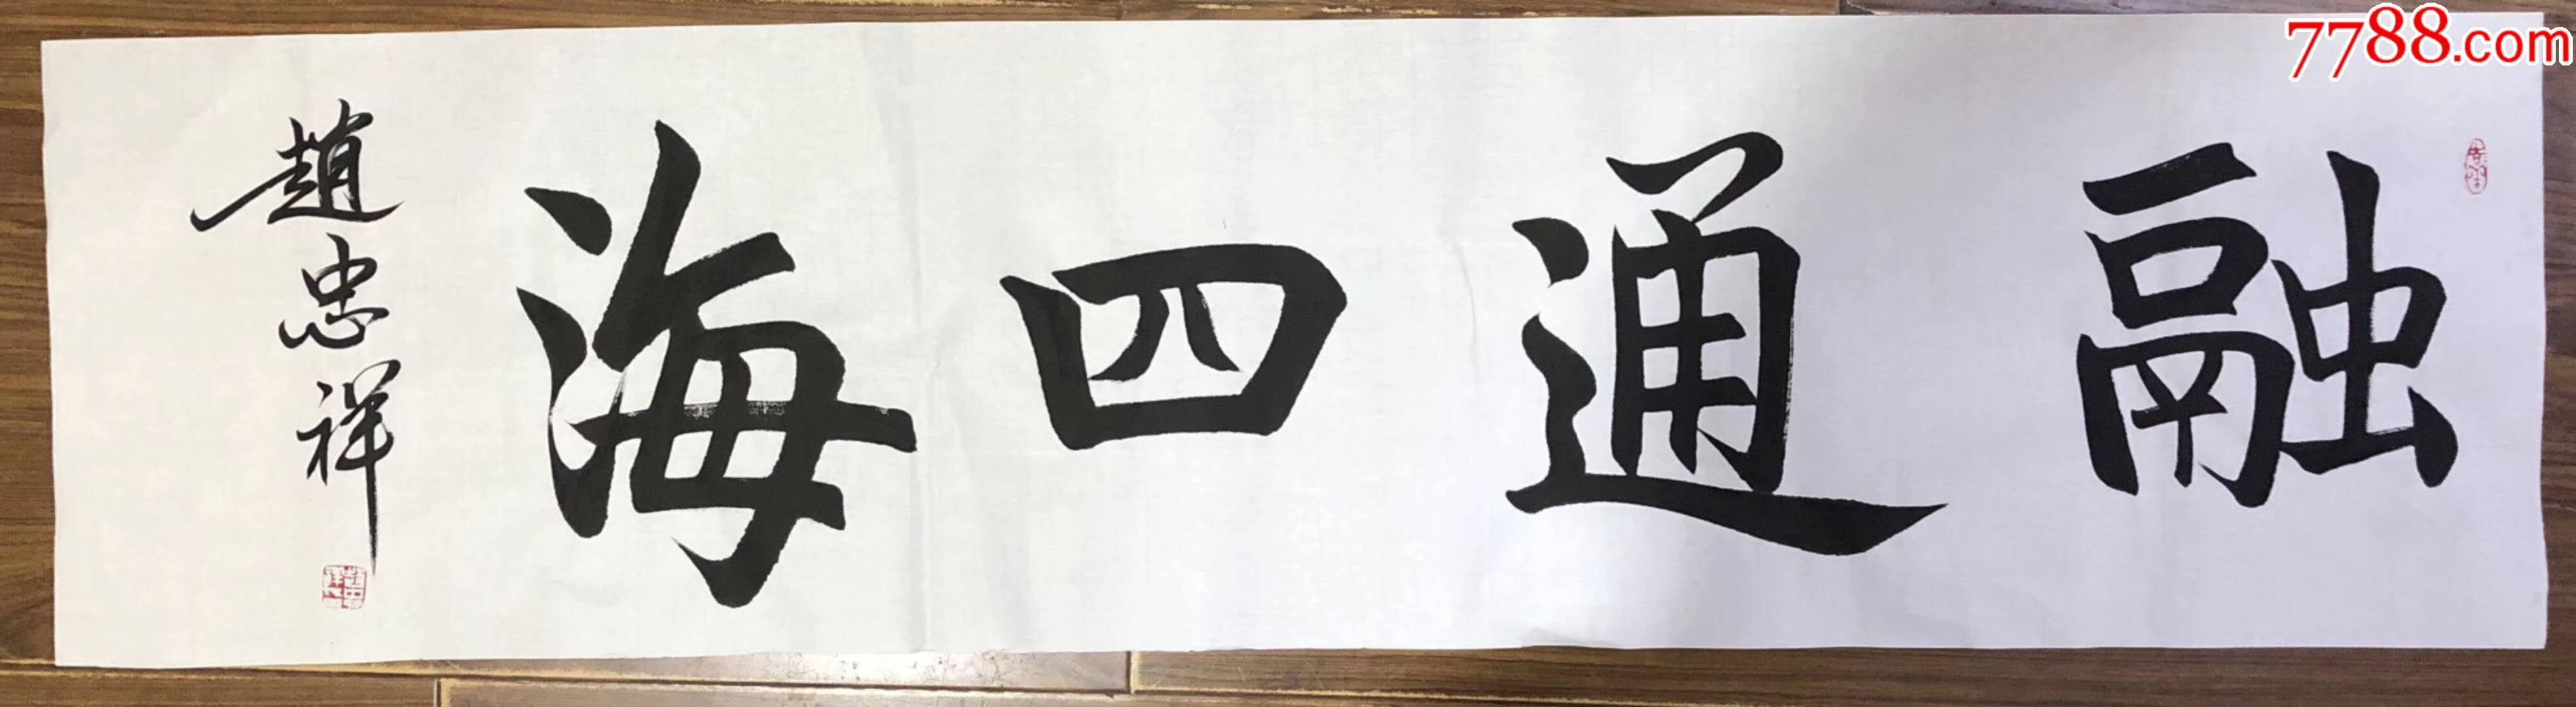 �w忠祥(款)��法尺寸137×34包手�L!(zc20117119)_